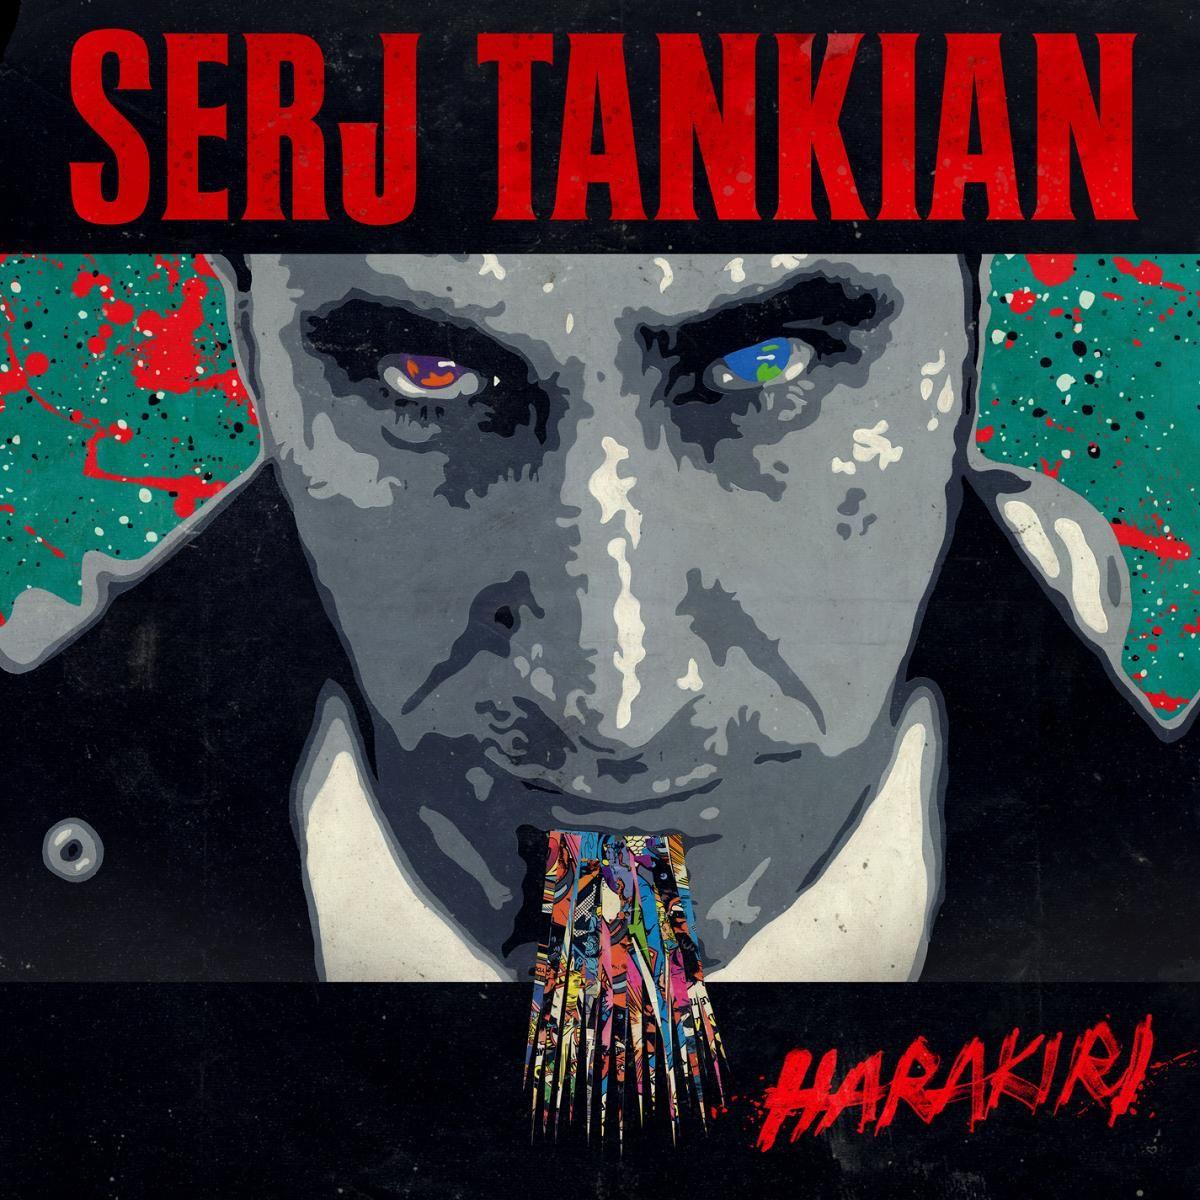 Megmenthető a világ? - Serj Tankian - Harakiri (2012)